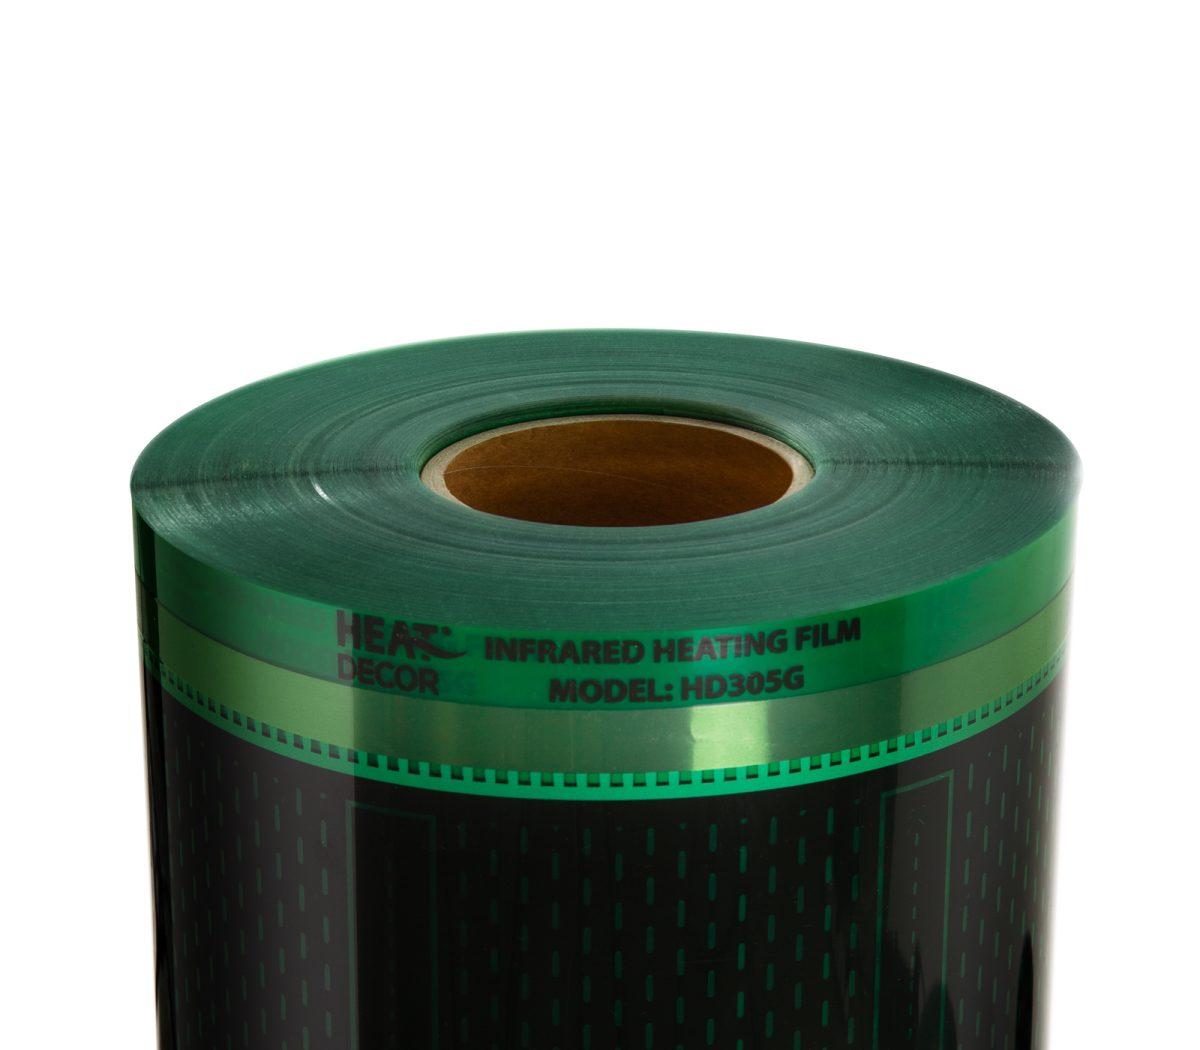 Folia grzejna Heat Decor HD305G 110W/mb (220W/m²) ROLKA - 100 mb